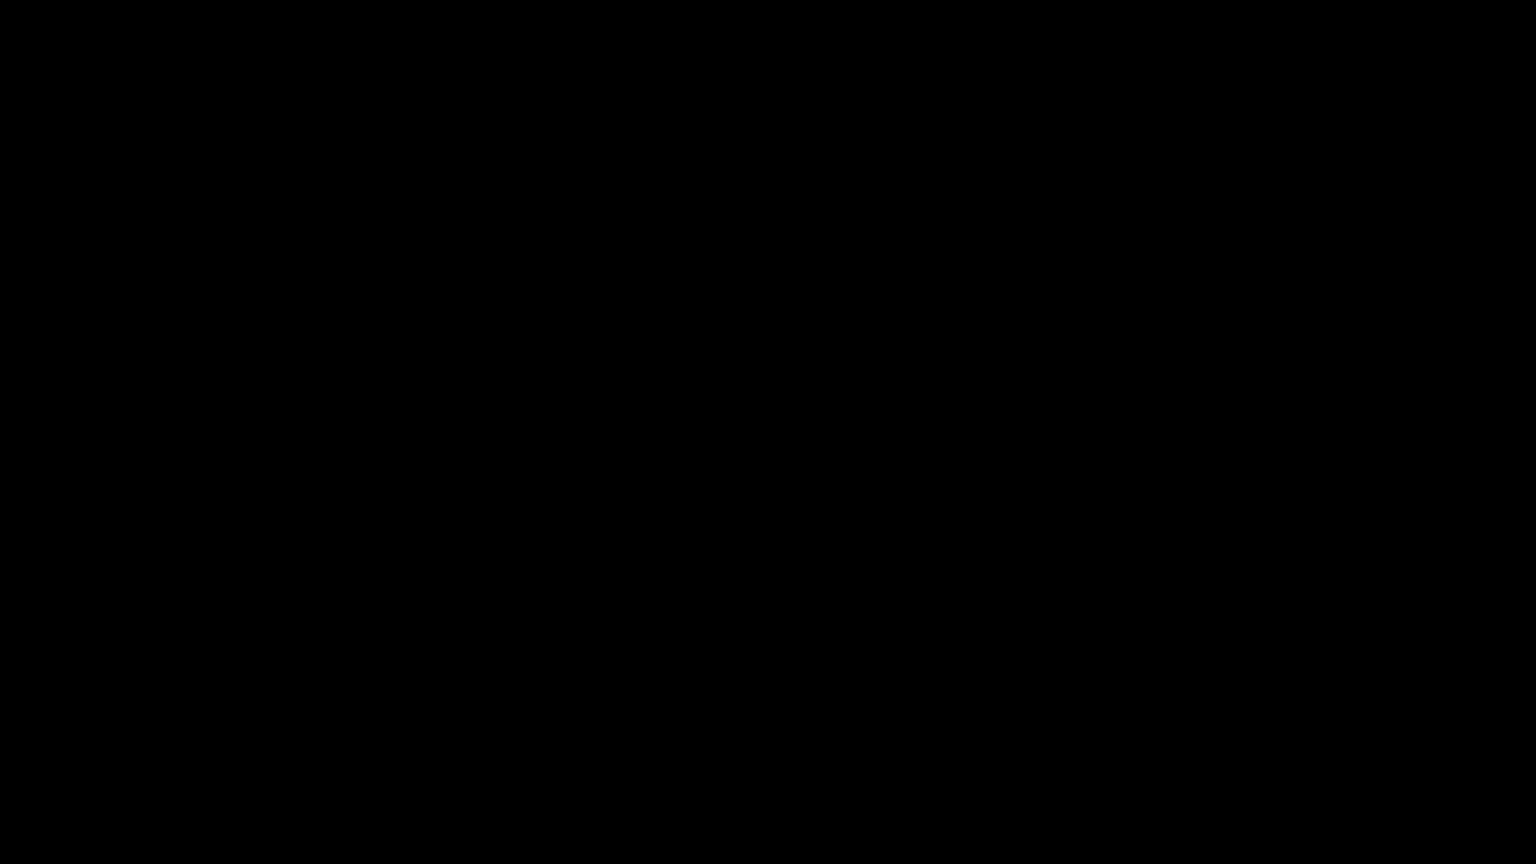 lci-lean-pass-team